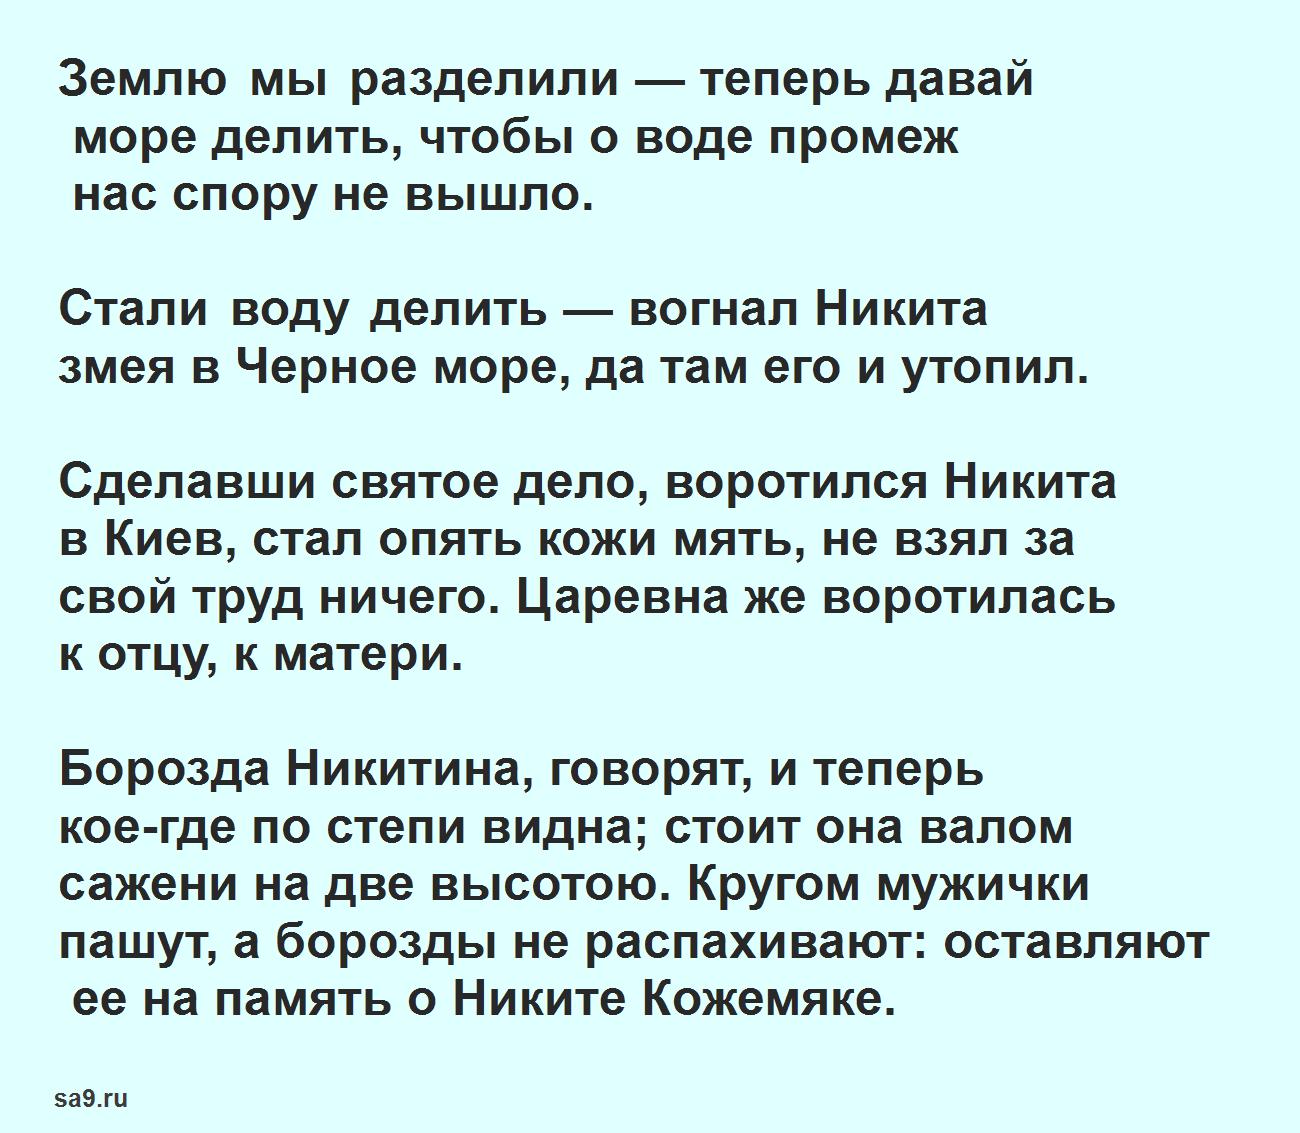 Никита Кожемяка - русская народная сказка, читать полностью